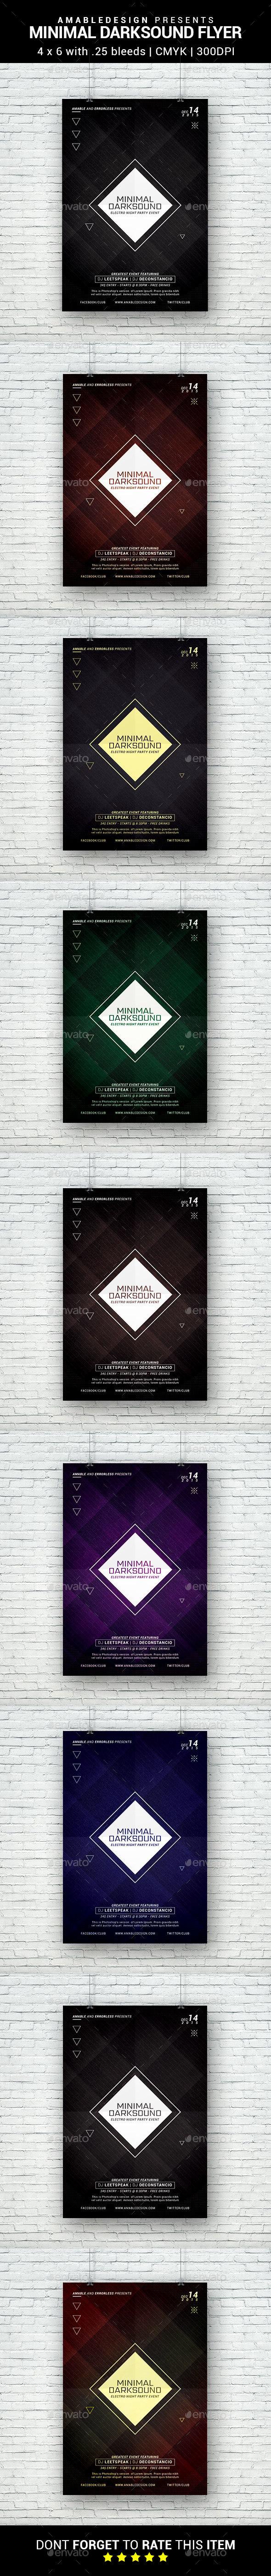 Minimal Darksound Flyer - Clubs & Parties Events